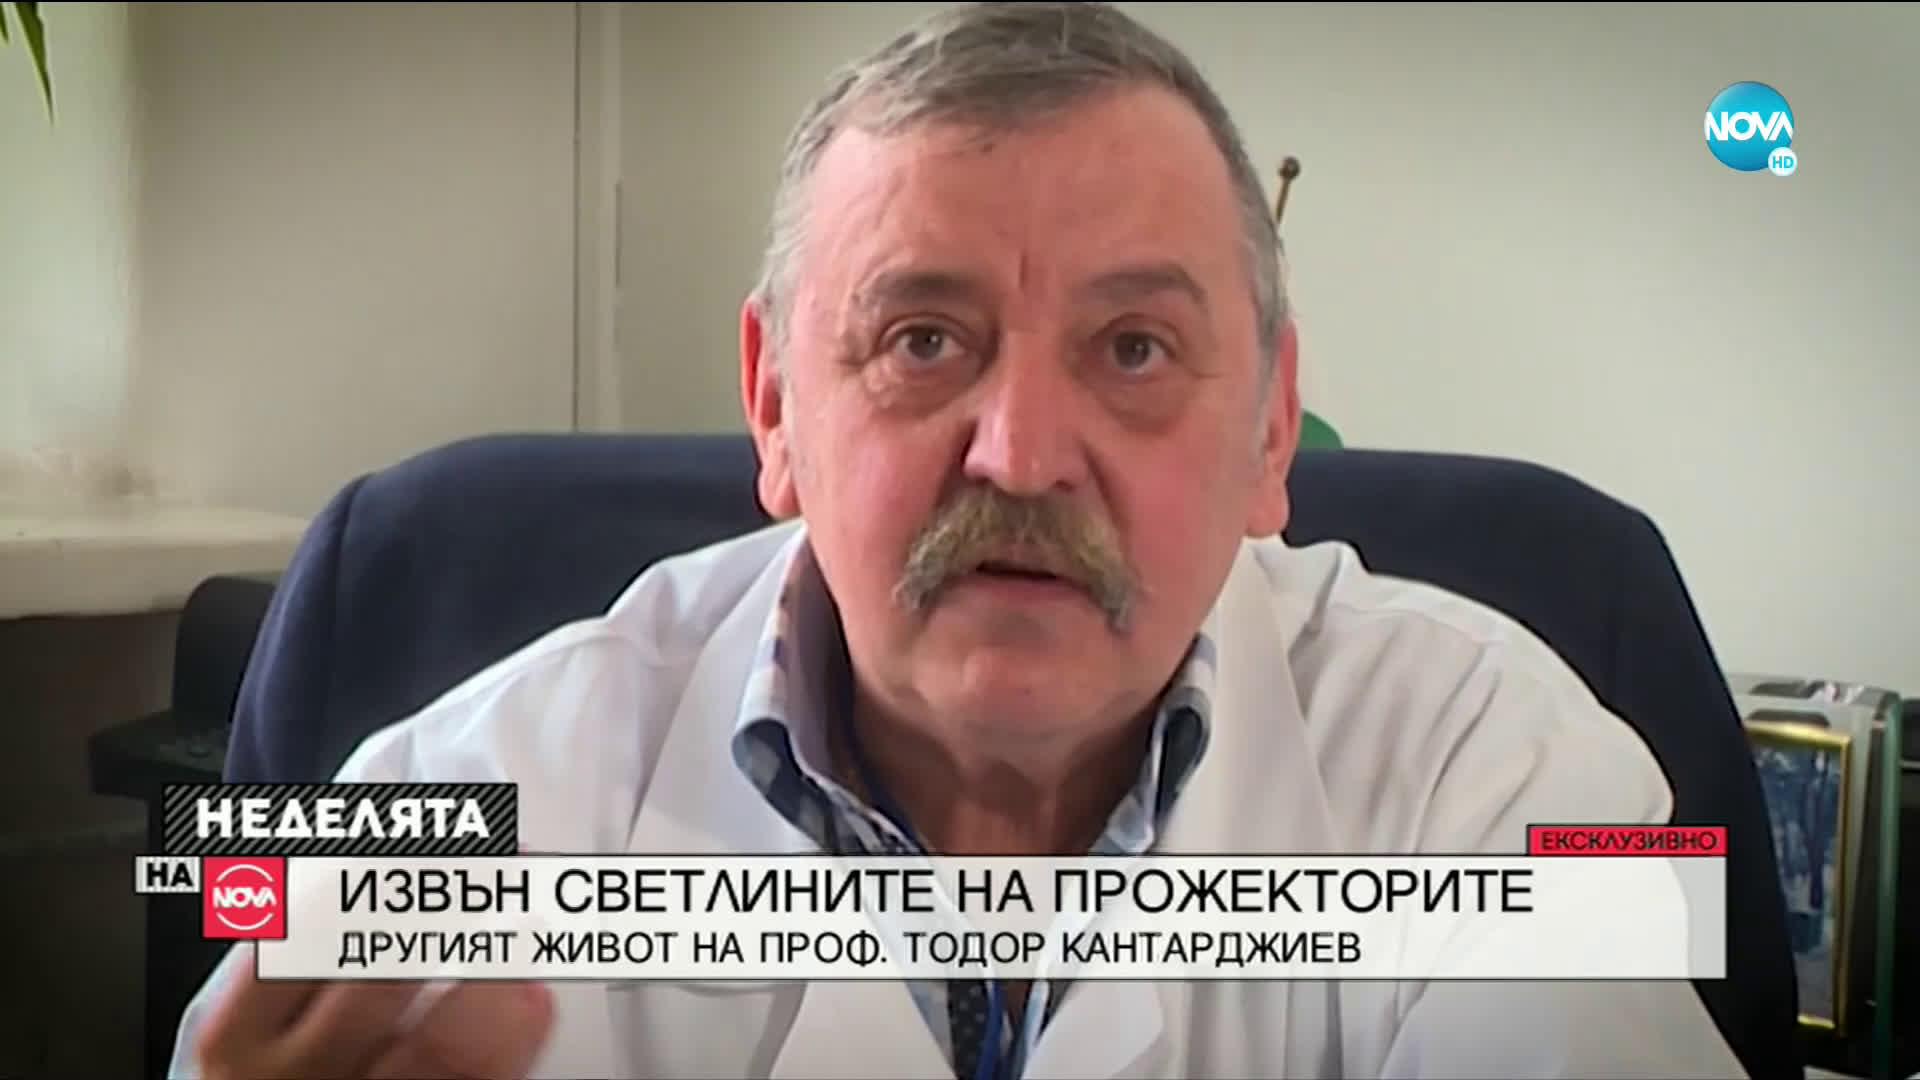 ИЗВЪН СВЕТЛИНИТЕ НА ПРОЖЕКТОРИТЕ: Другият живот на проф. Тодор Кантарджиев